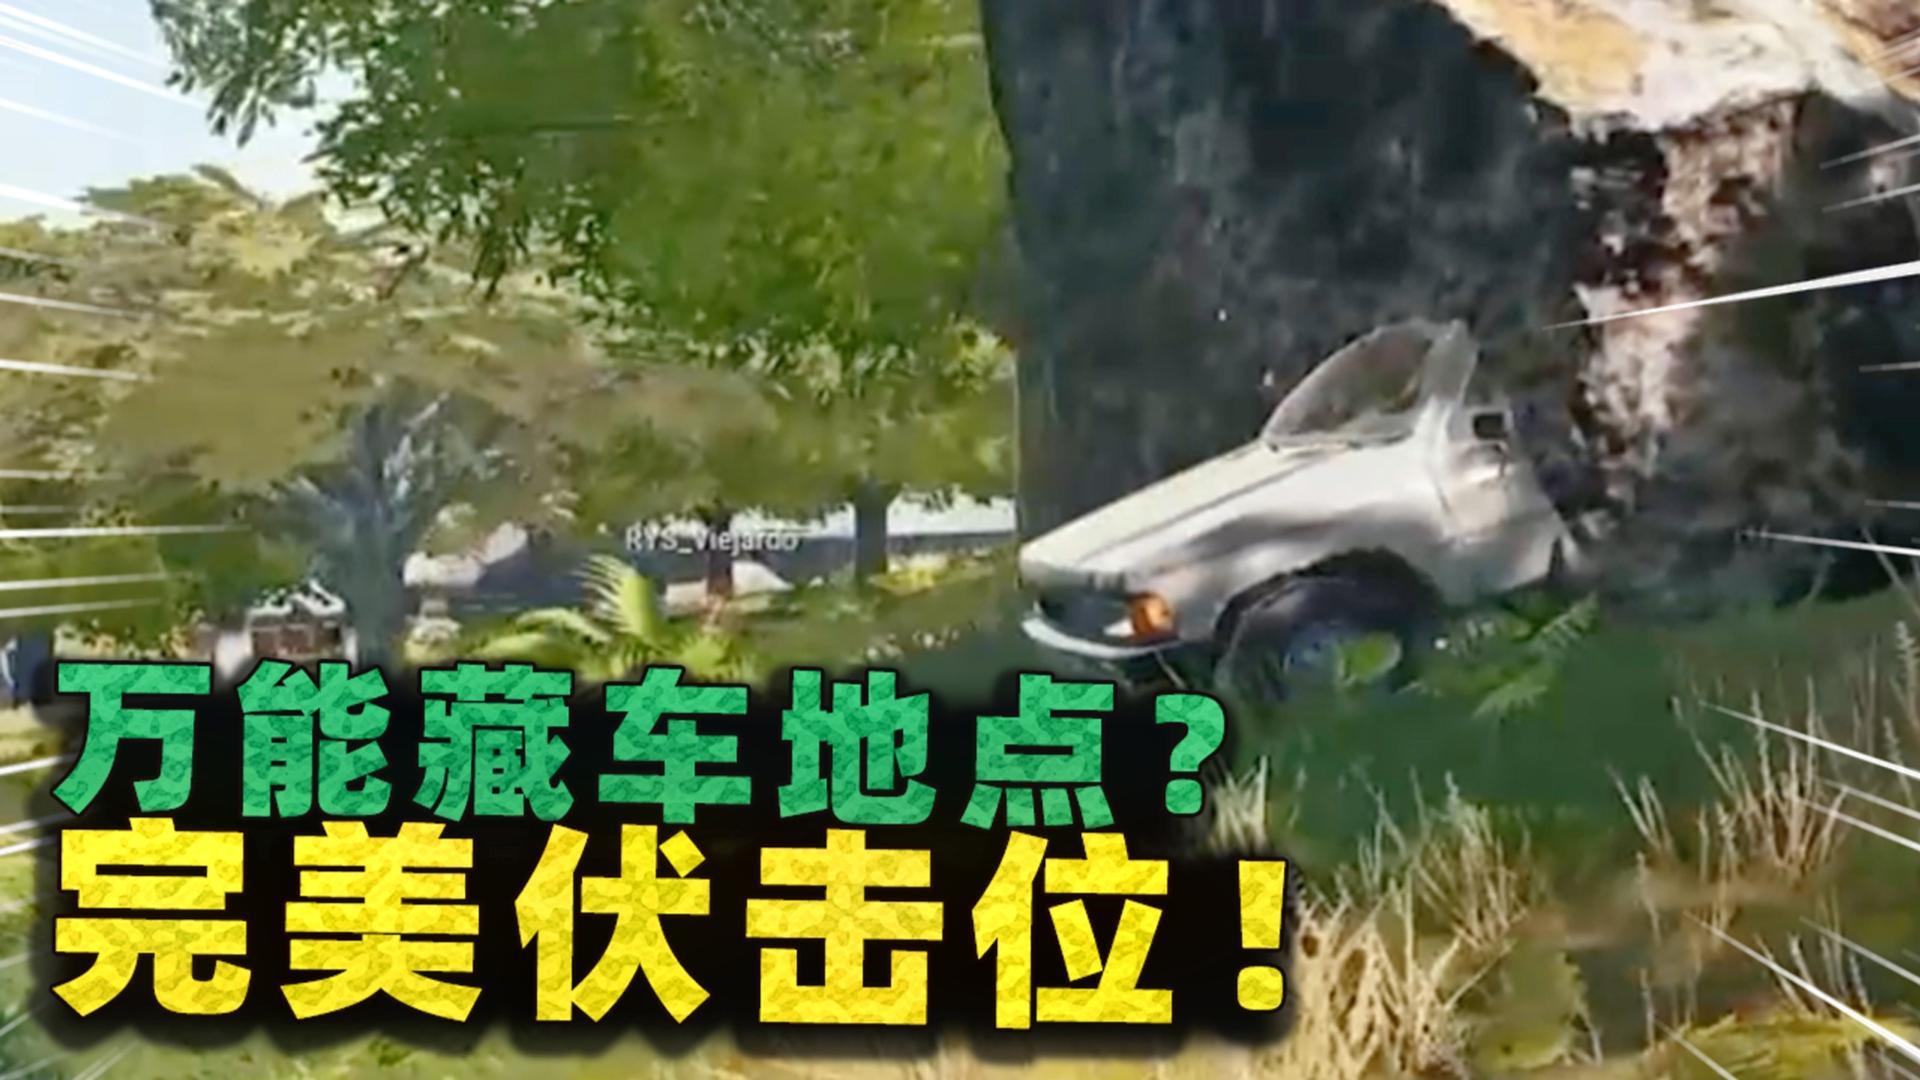 用这种方法能把车藏石头里?躲车上伏击,来多少人都能杀!